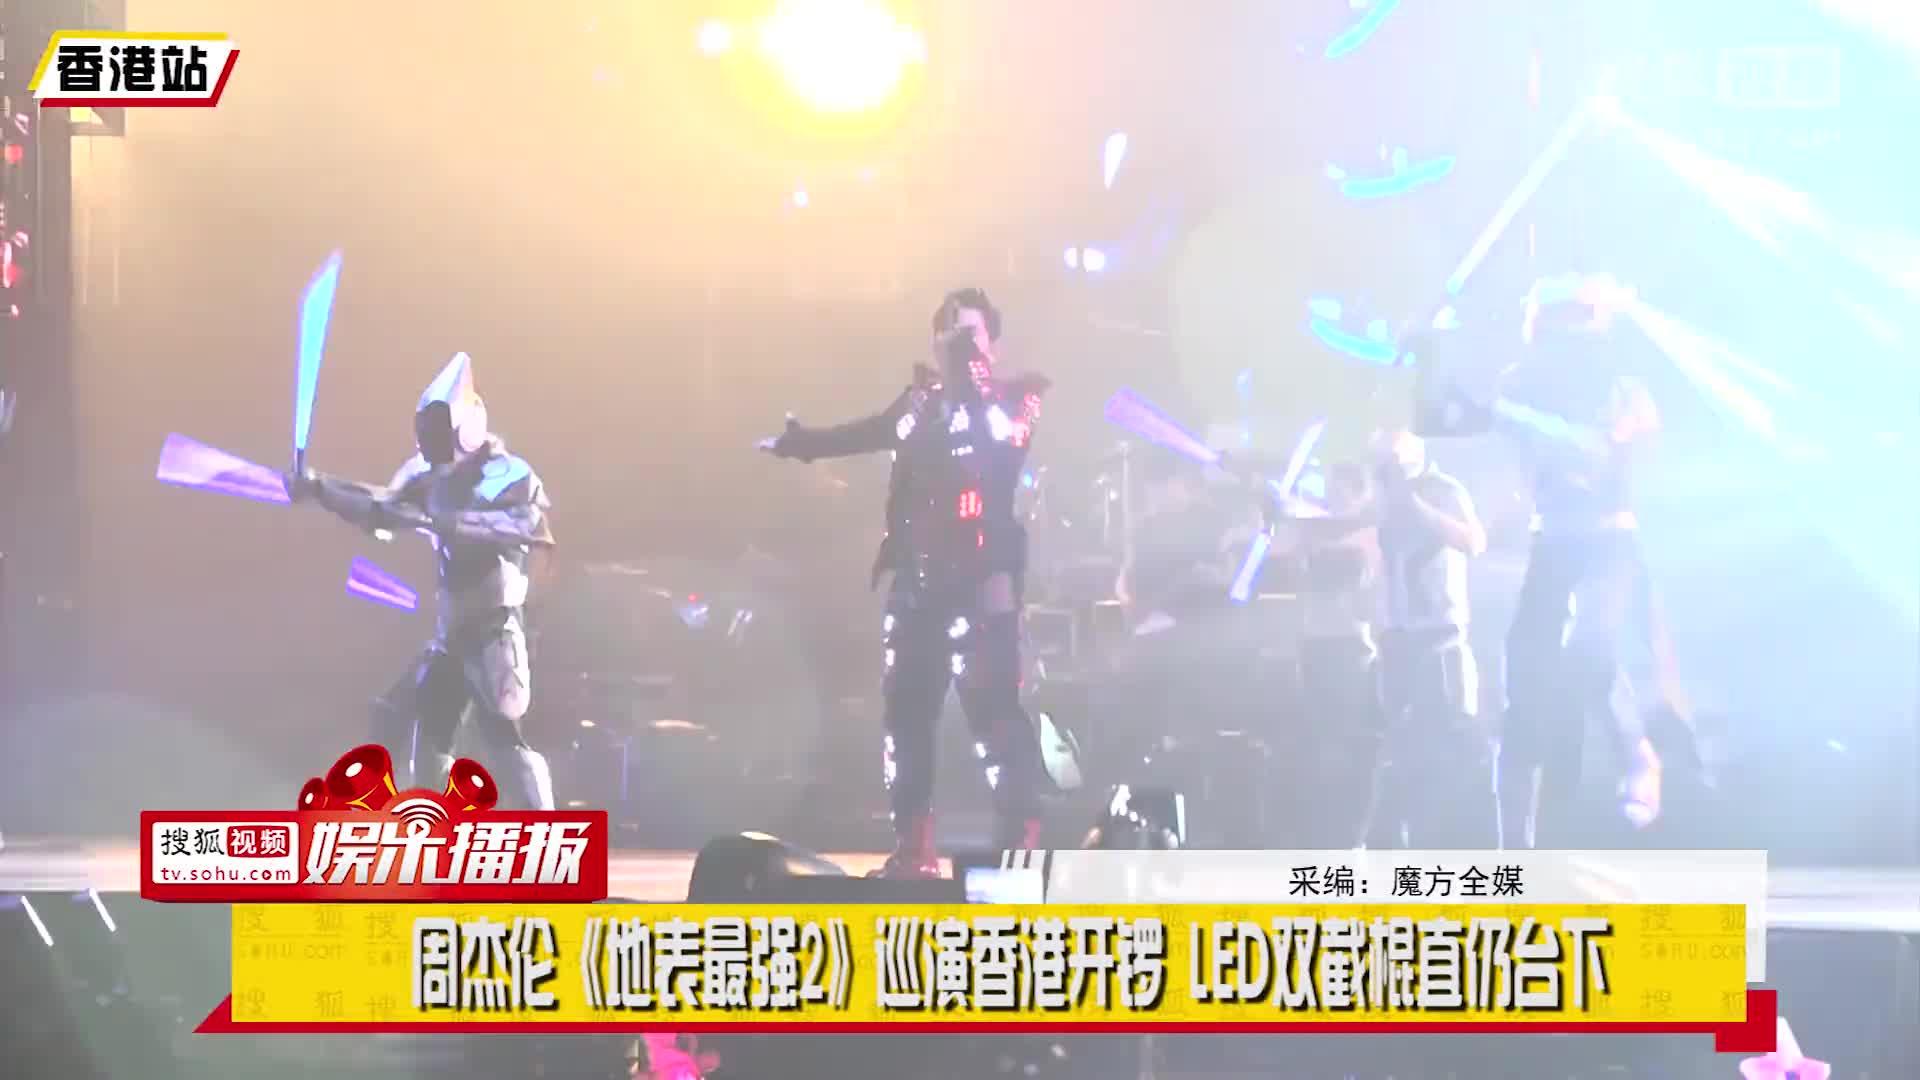 周杰伦香港站开唱 减肥见成效变身钢铁侠